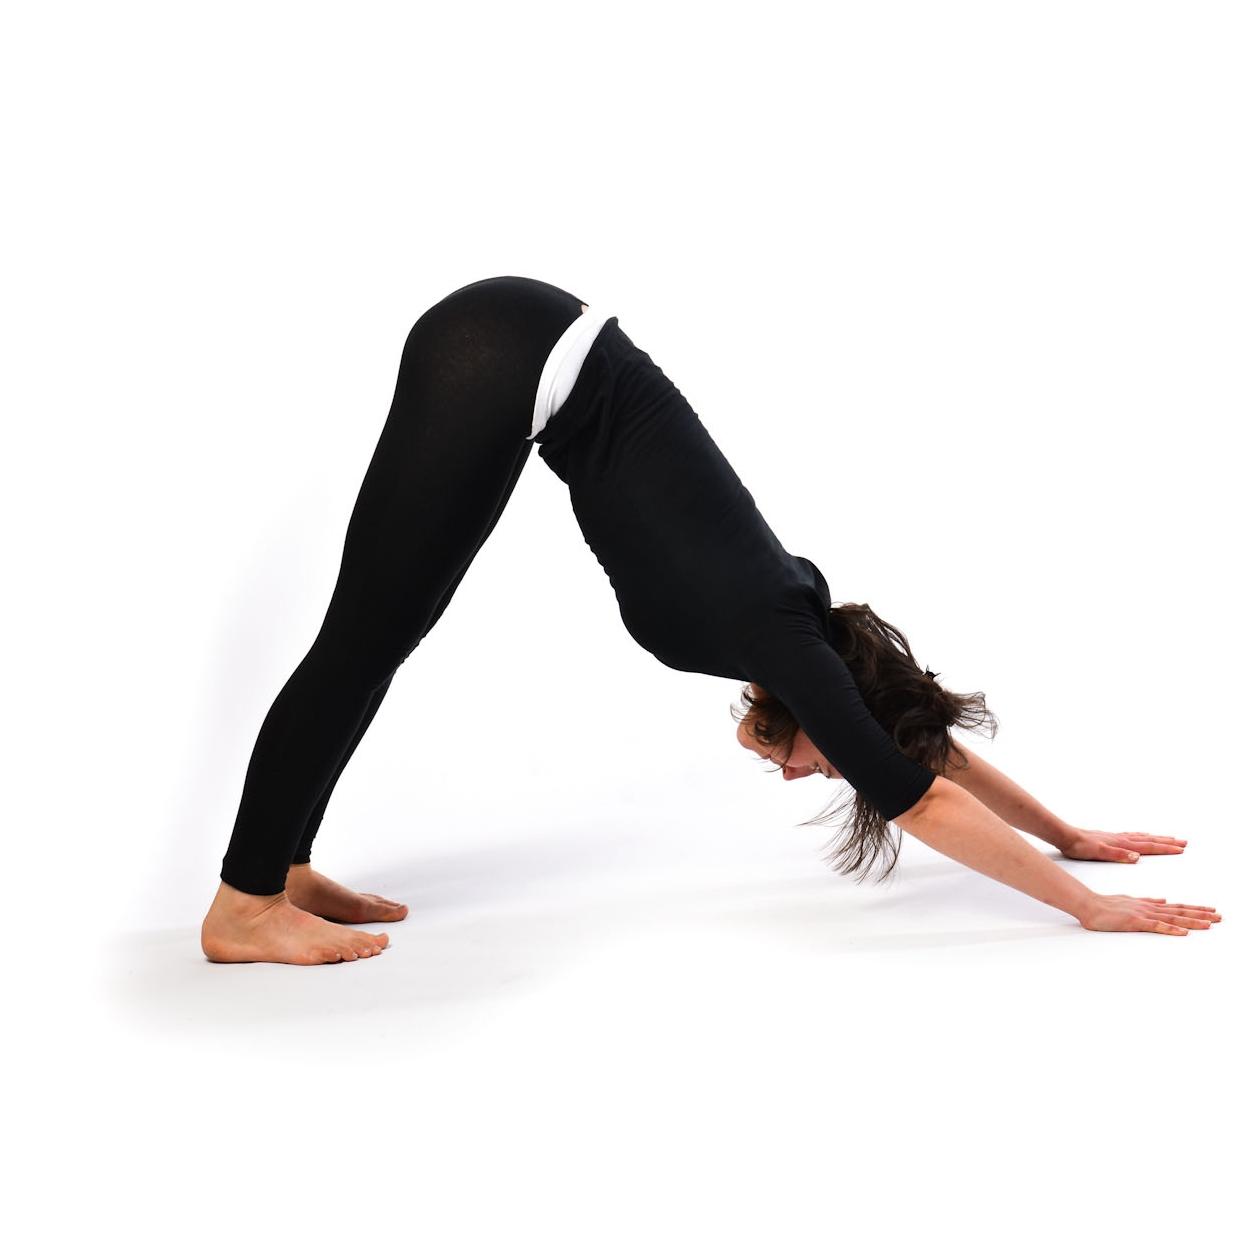 Surya Namaskar Yoga Steps and Benefits - Weight Loss Tips ...